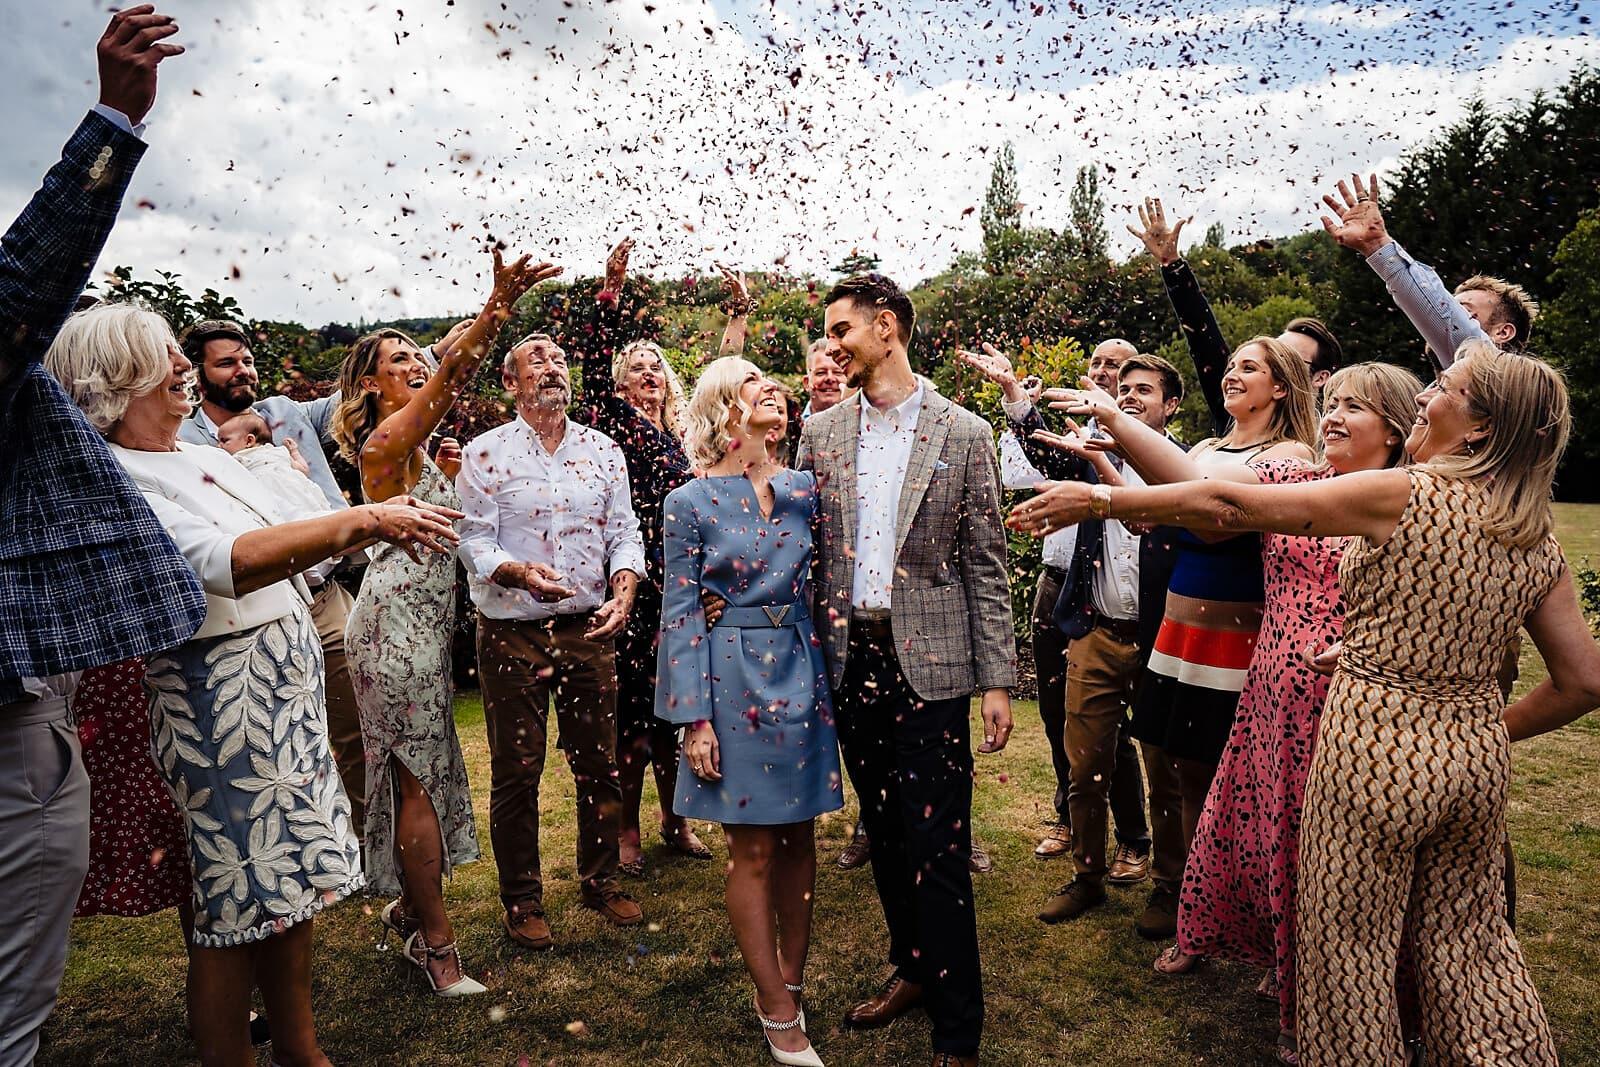 Covid Micro Wedding confetti shower